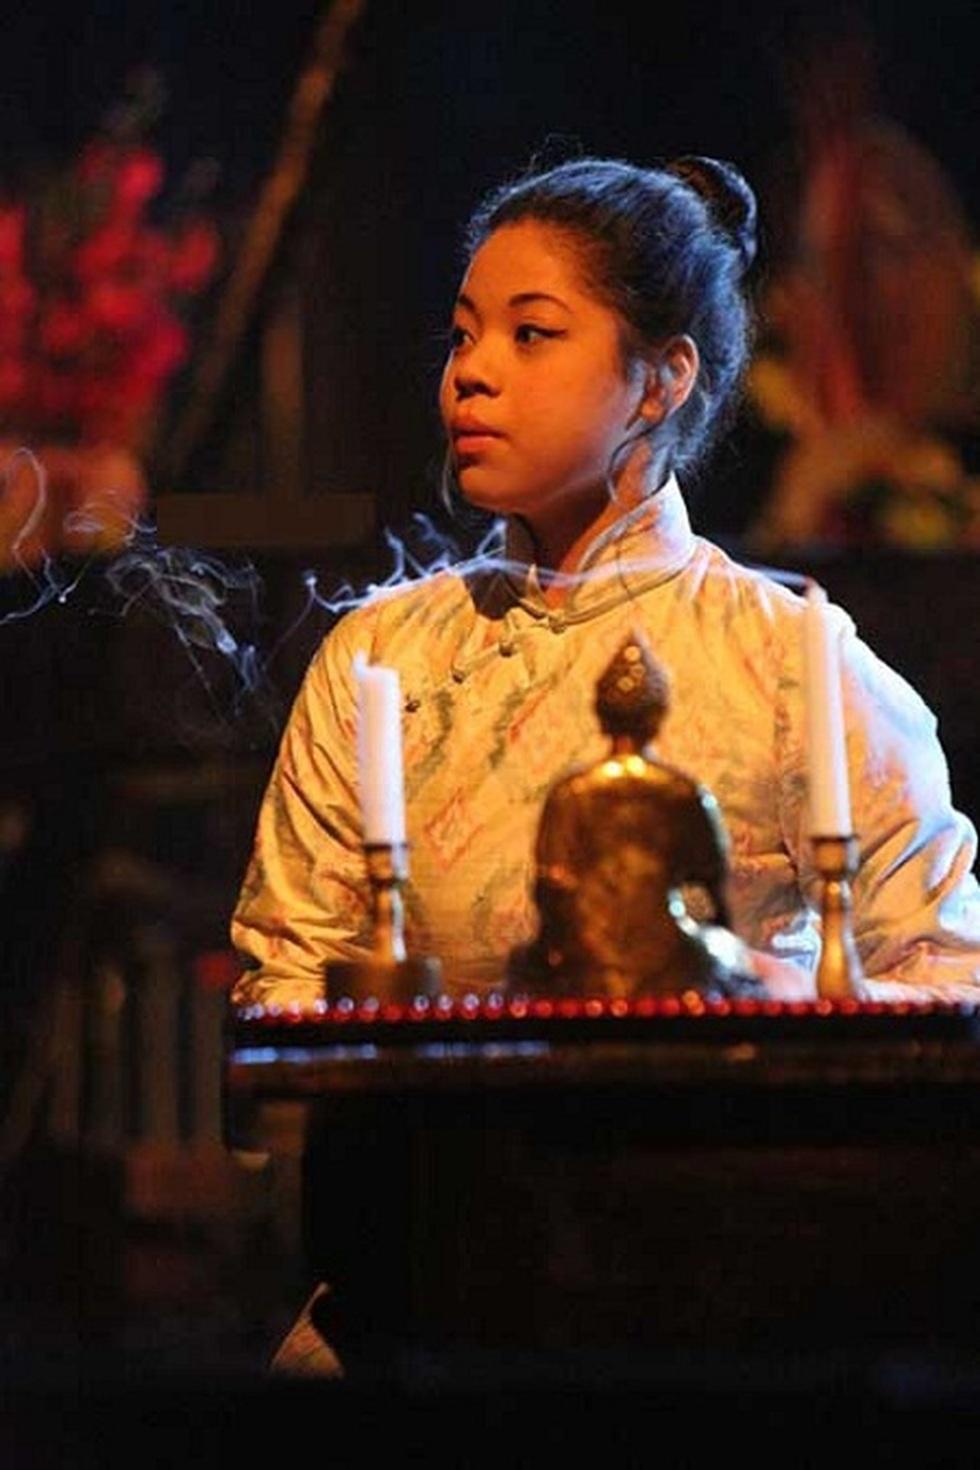 Miss Saigon: Vở kịch về tình yêu, tình mẫu tử gây thổn thức suốt 30 năm - 4